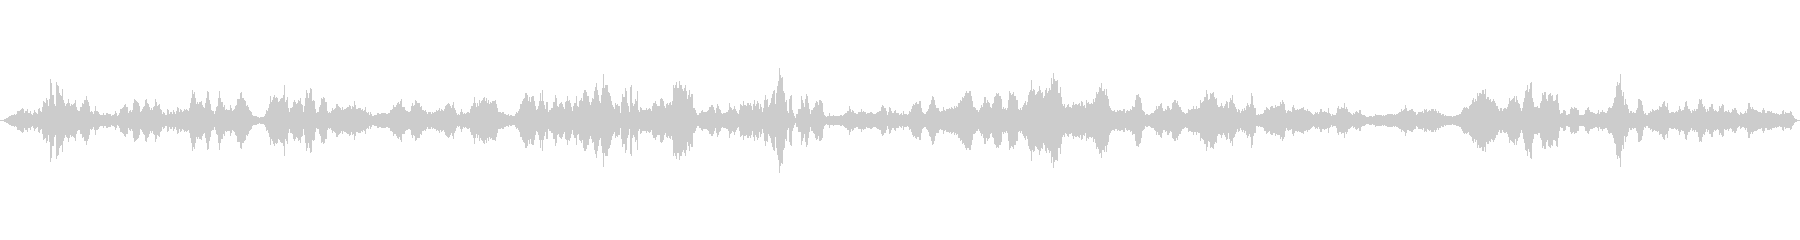 イメージ ホラーウィンズ01の未再生の波形